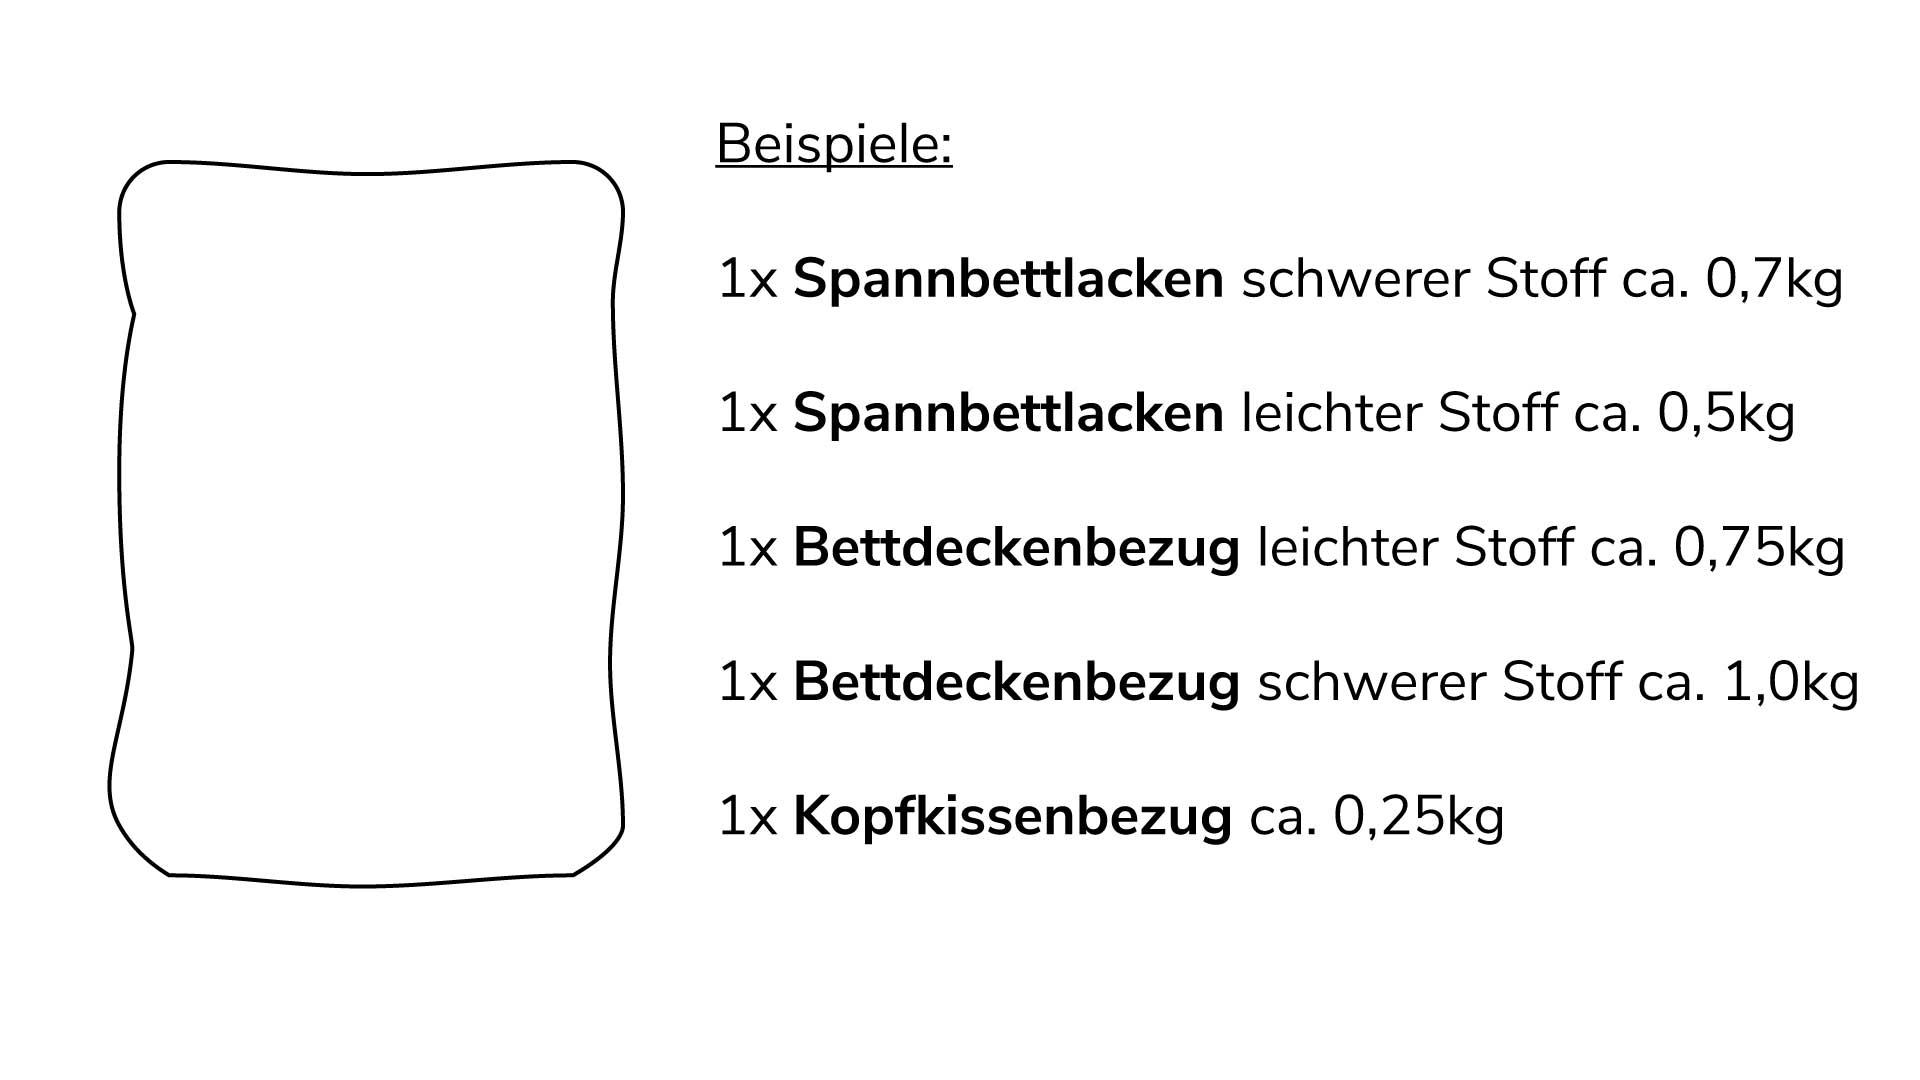 Flachwaesche_Beispiele